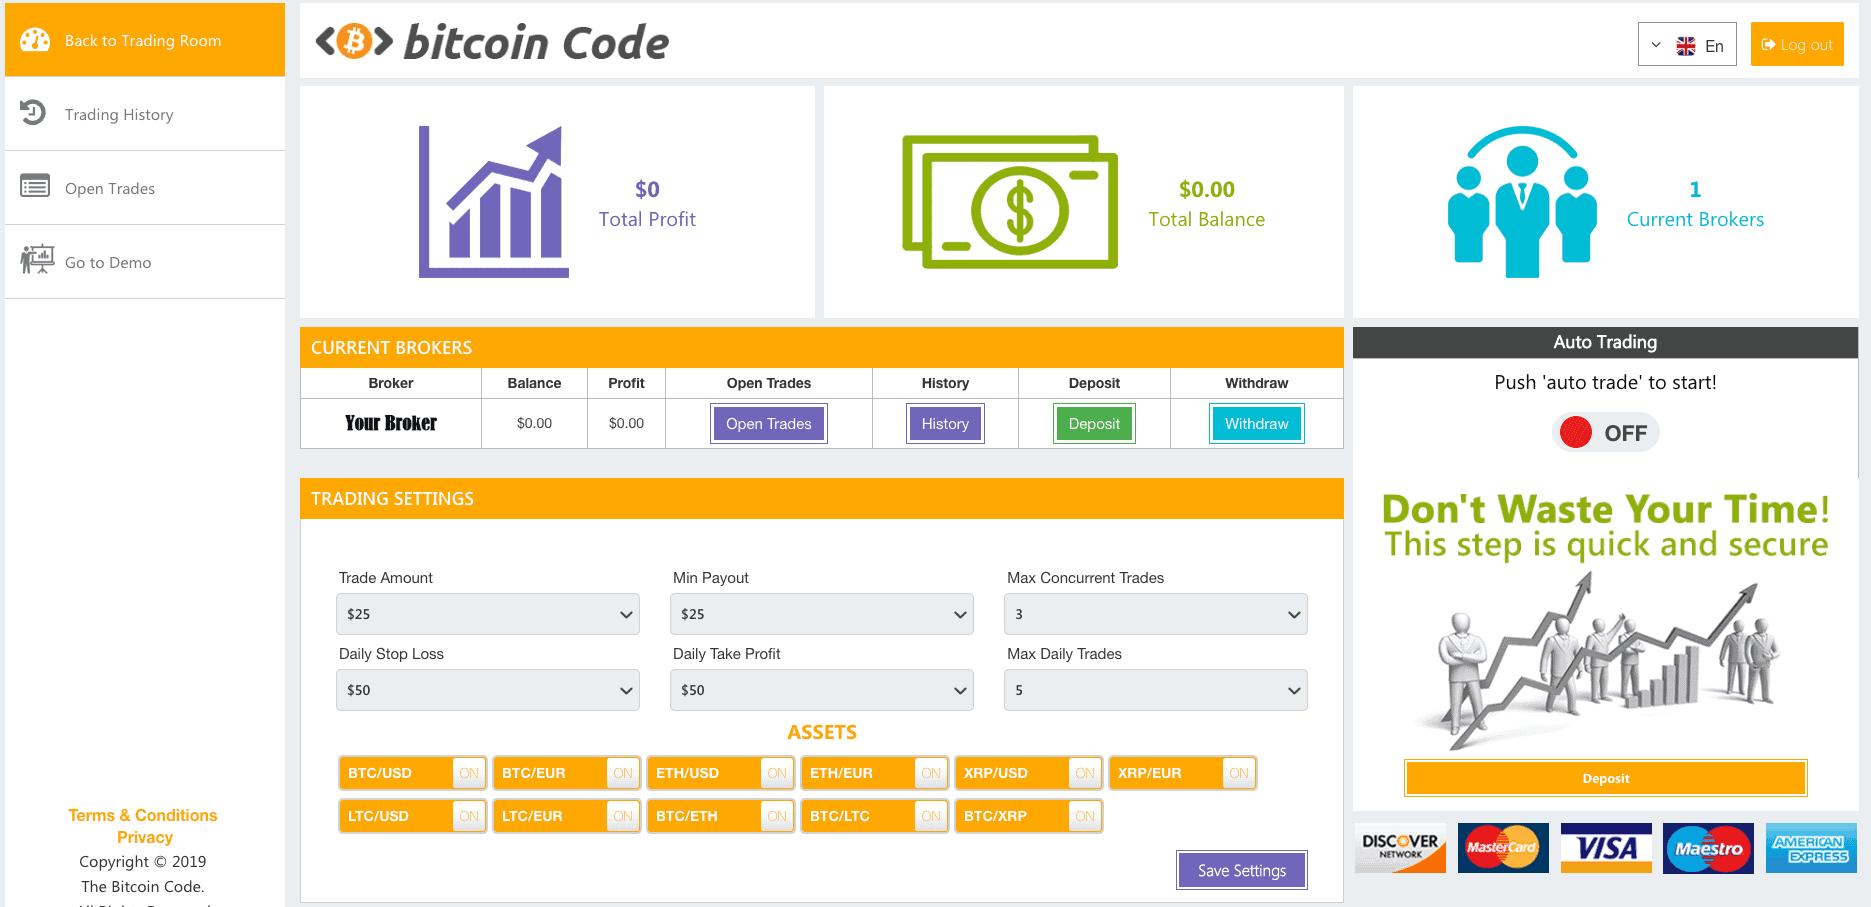 I Bitcoin Code App ™ 🥇 | 【Sito web ufficiale 】